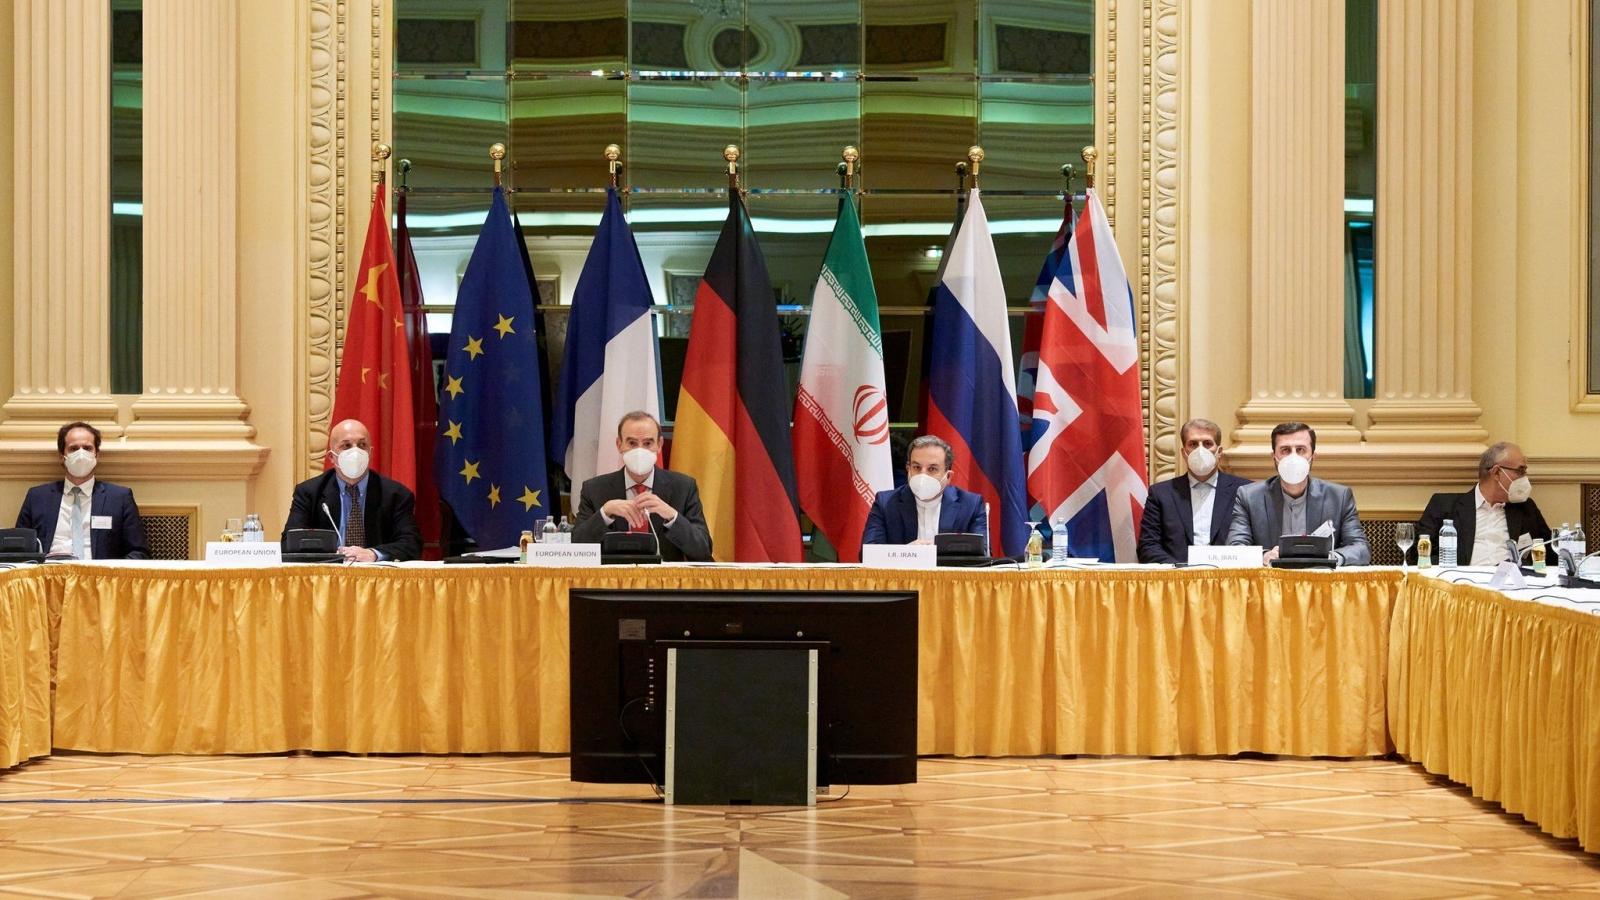 Đàm phán hạt nhân: Iran và Mỹ cần nhượng bộ lẫn nhau